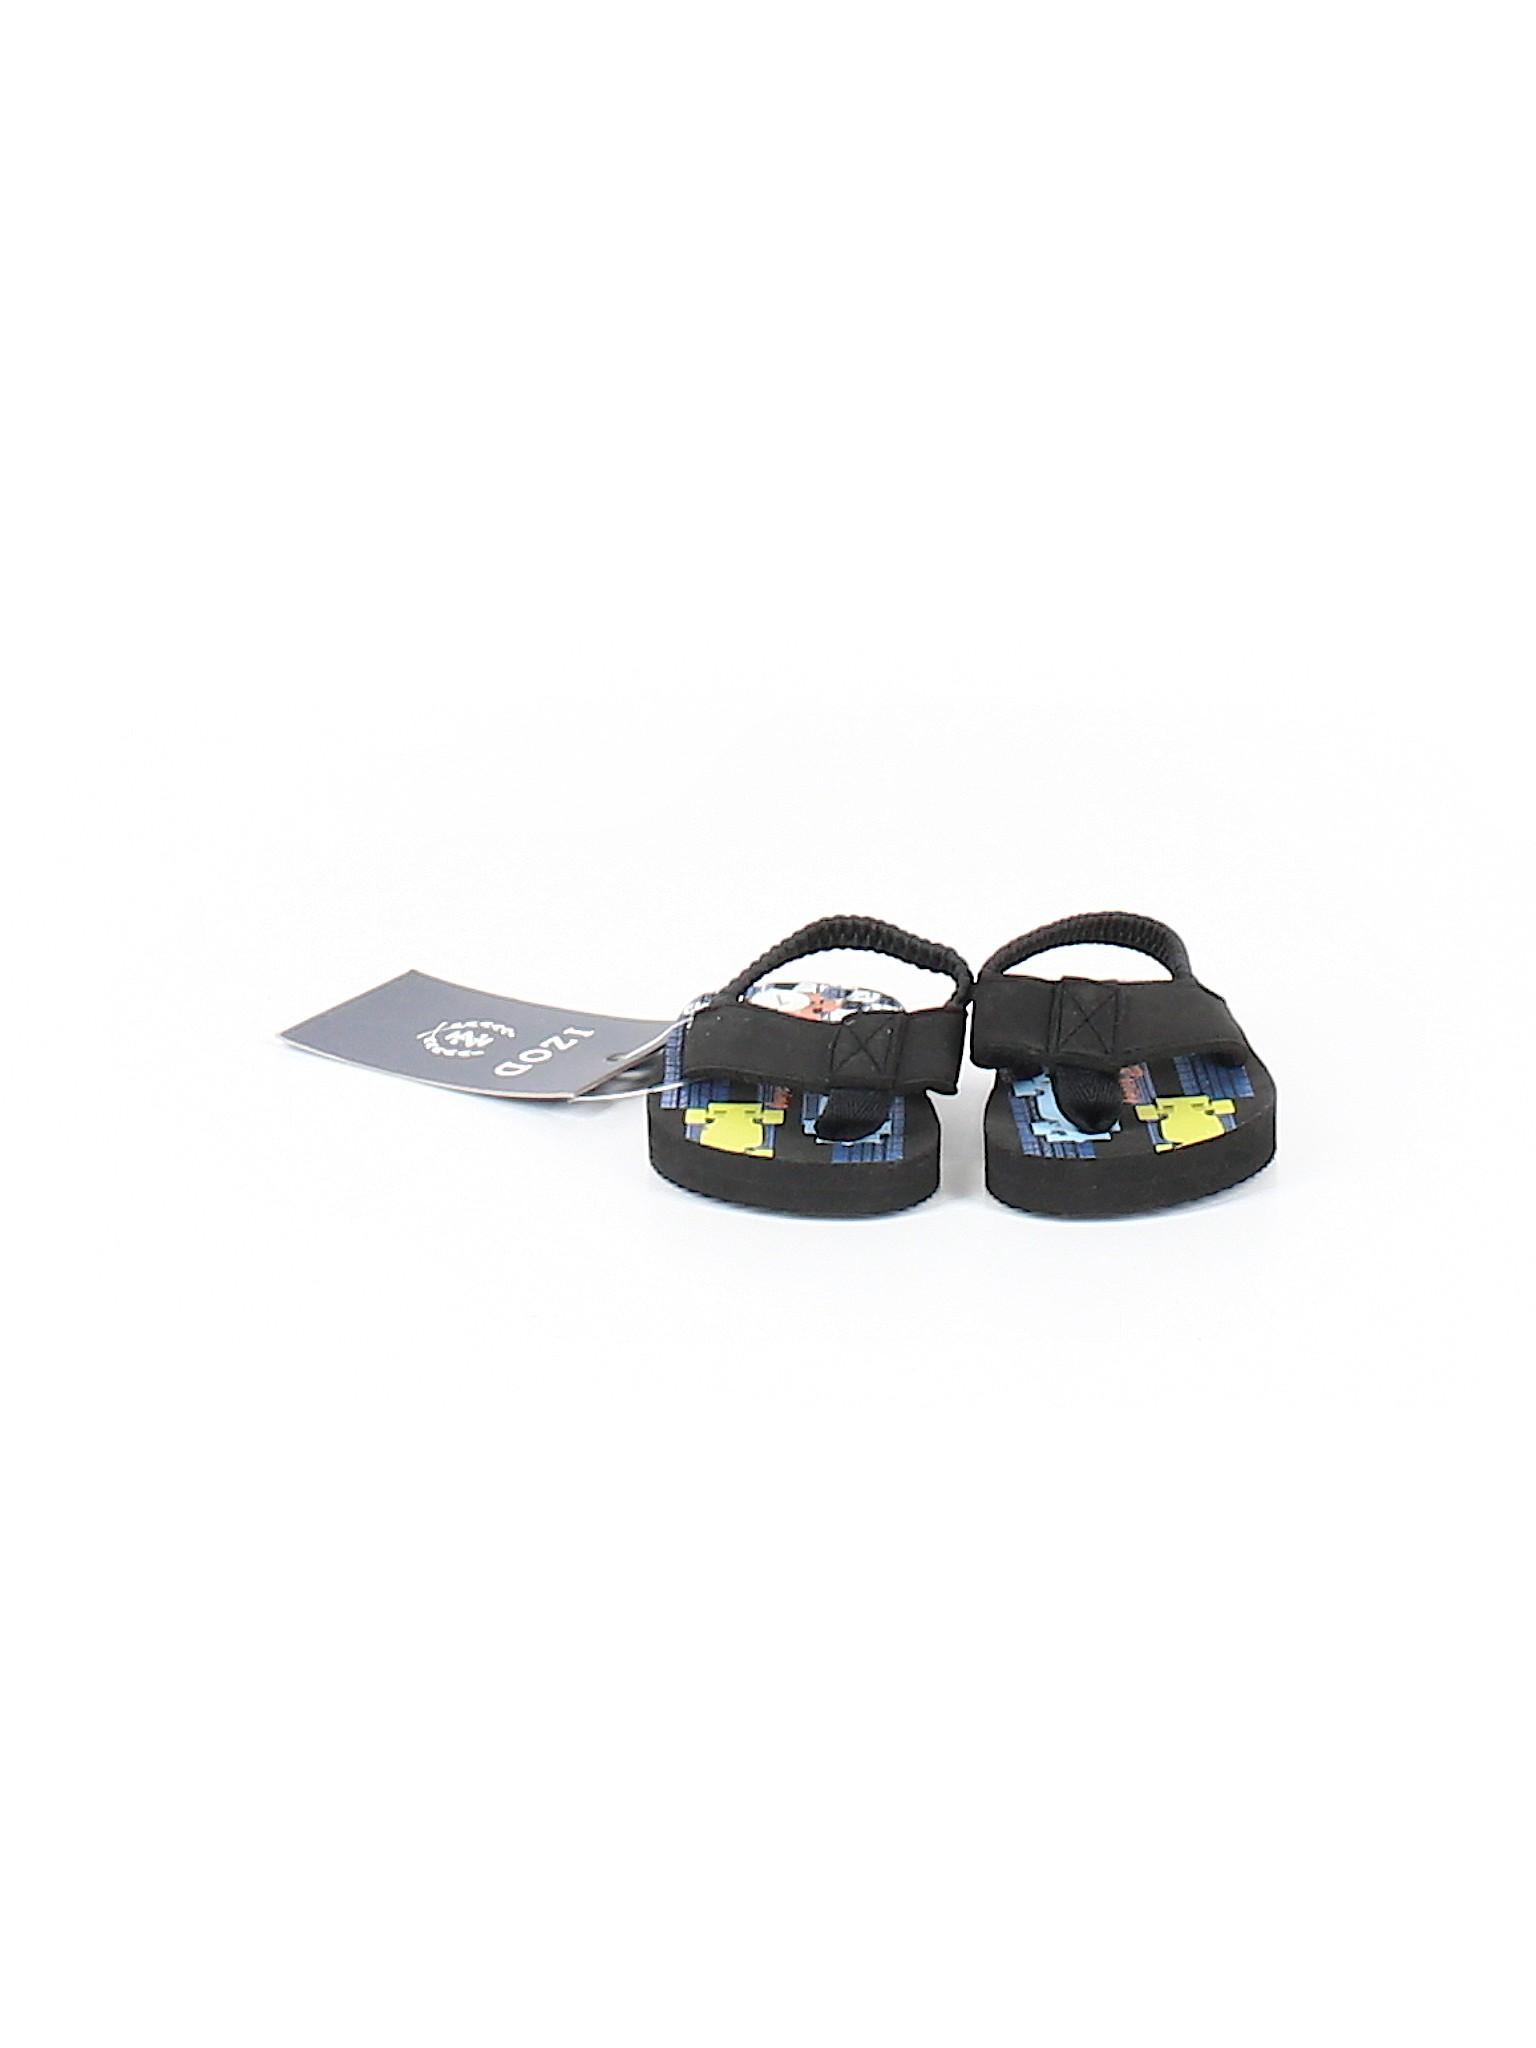 2dfe140d400e IZOD Print Black Flip Flops Size 0-3 mo - 46% off